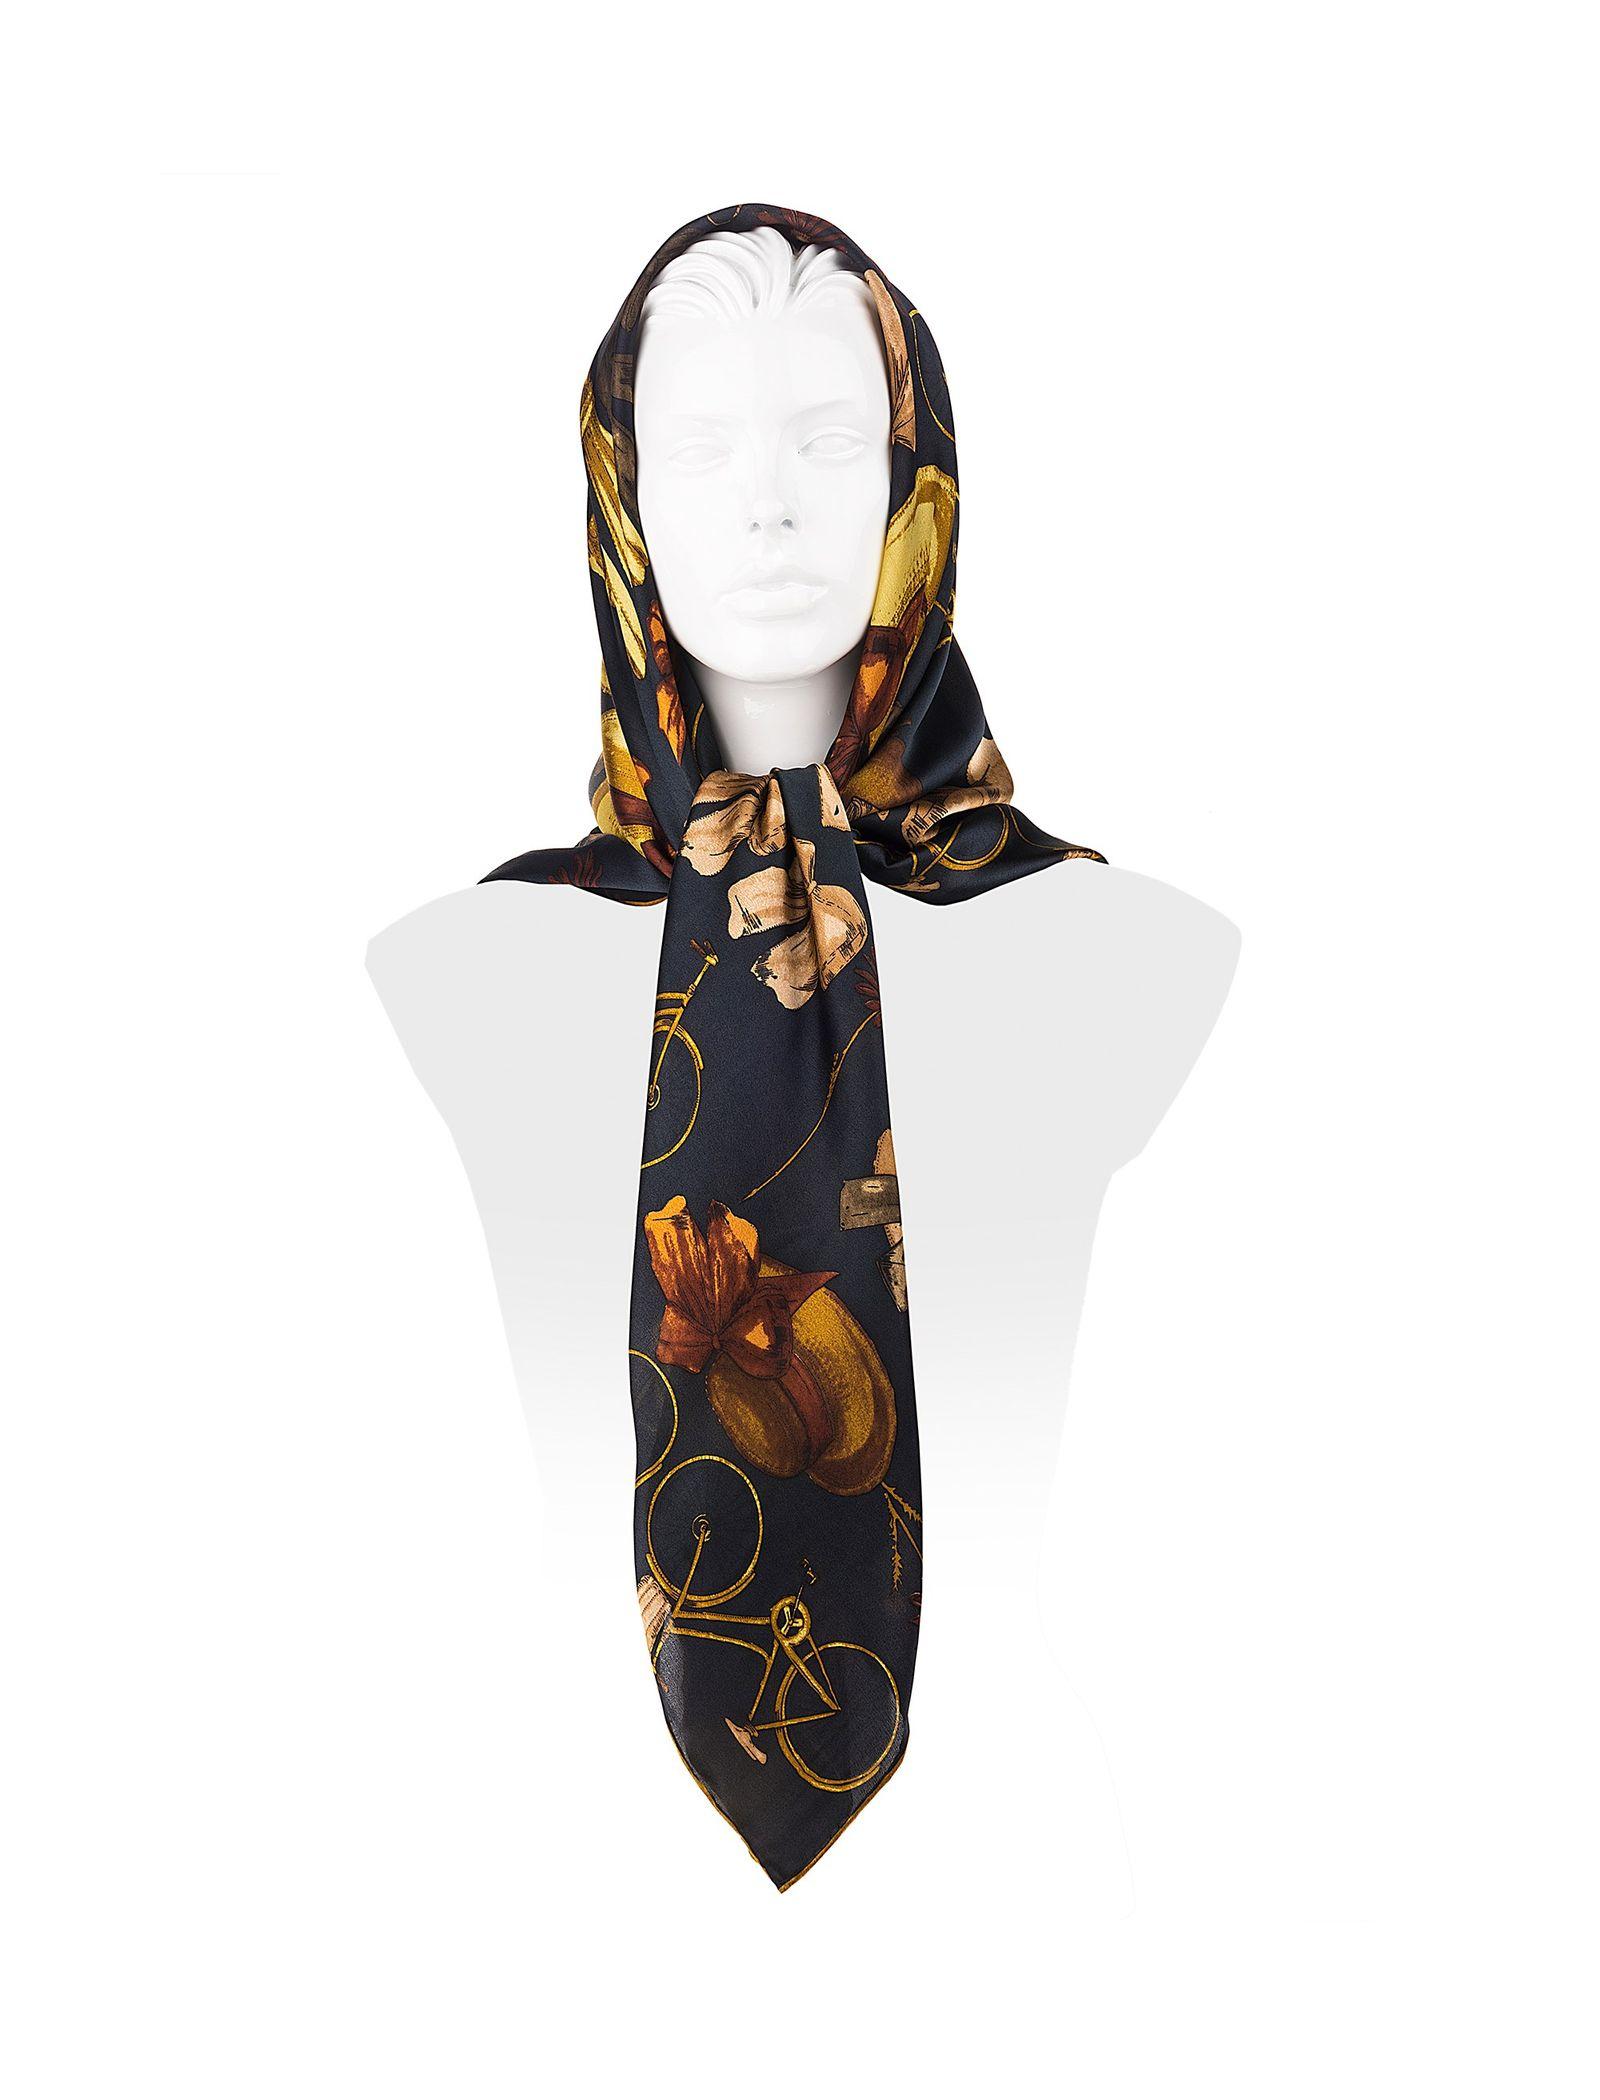 روسری ابریشمی زنانه - رزتی - زغالي - 3